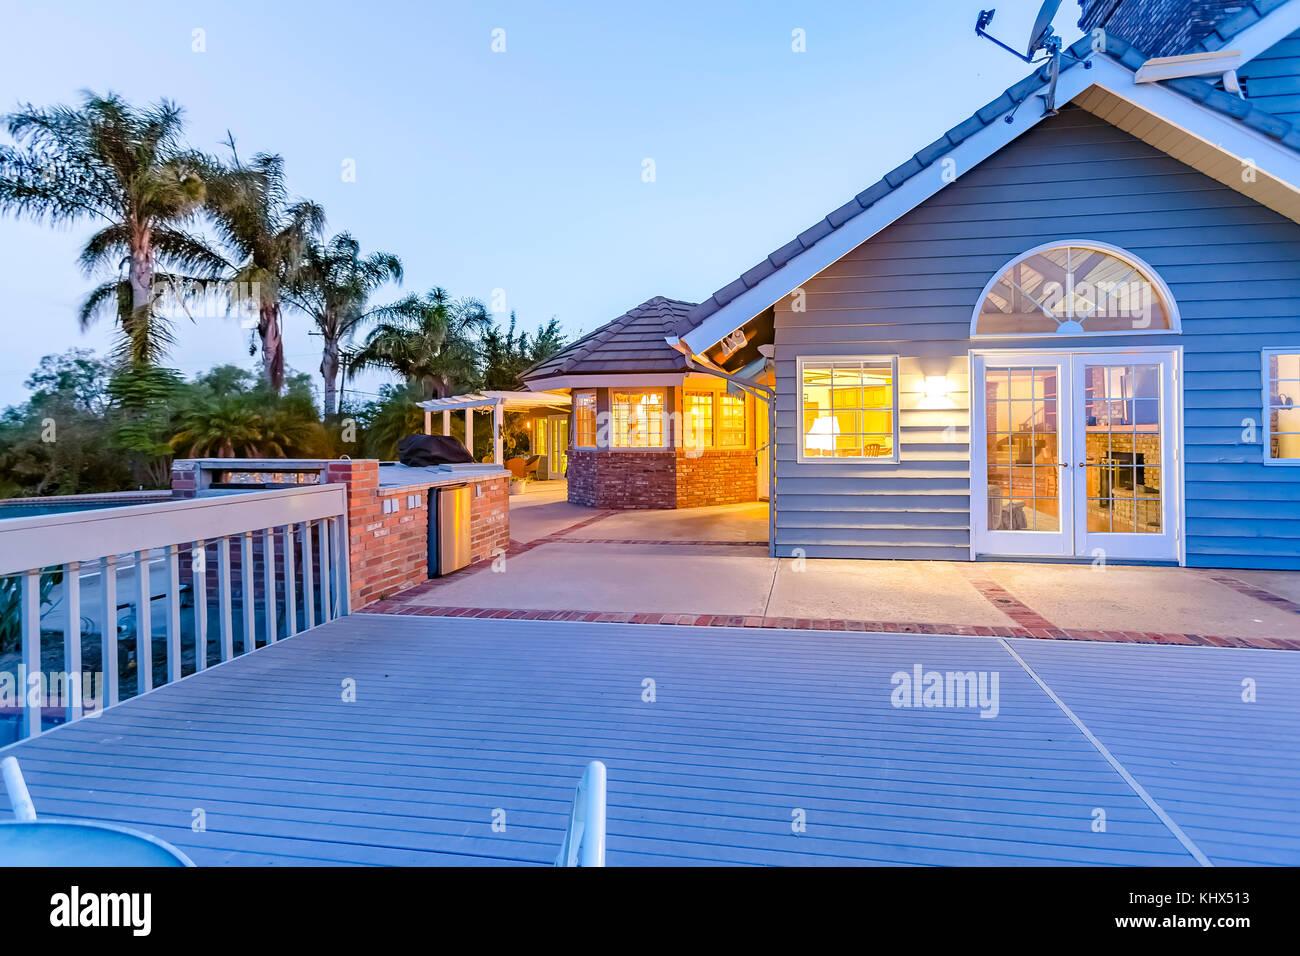 Grande maison avec grand bleu l'arrière-cour deckfrom au crépuscule. Superbe maison en Californie dans le comté de San Diego. real estate listings avec de puissantes visua Banque D'Images